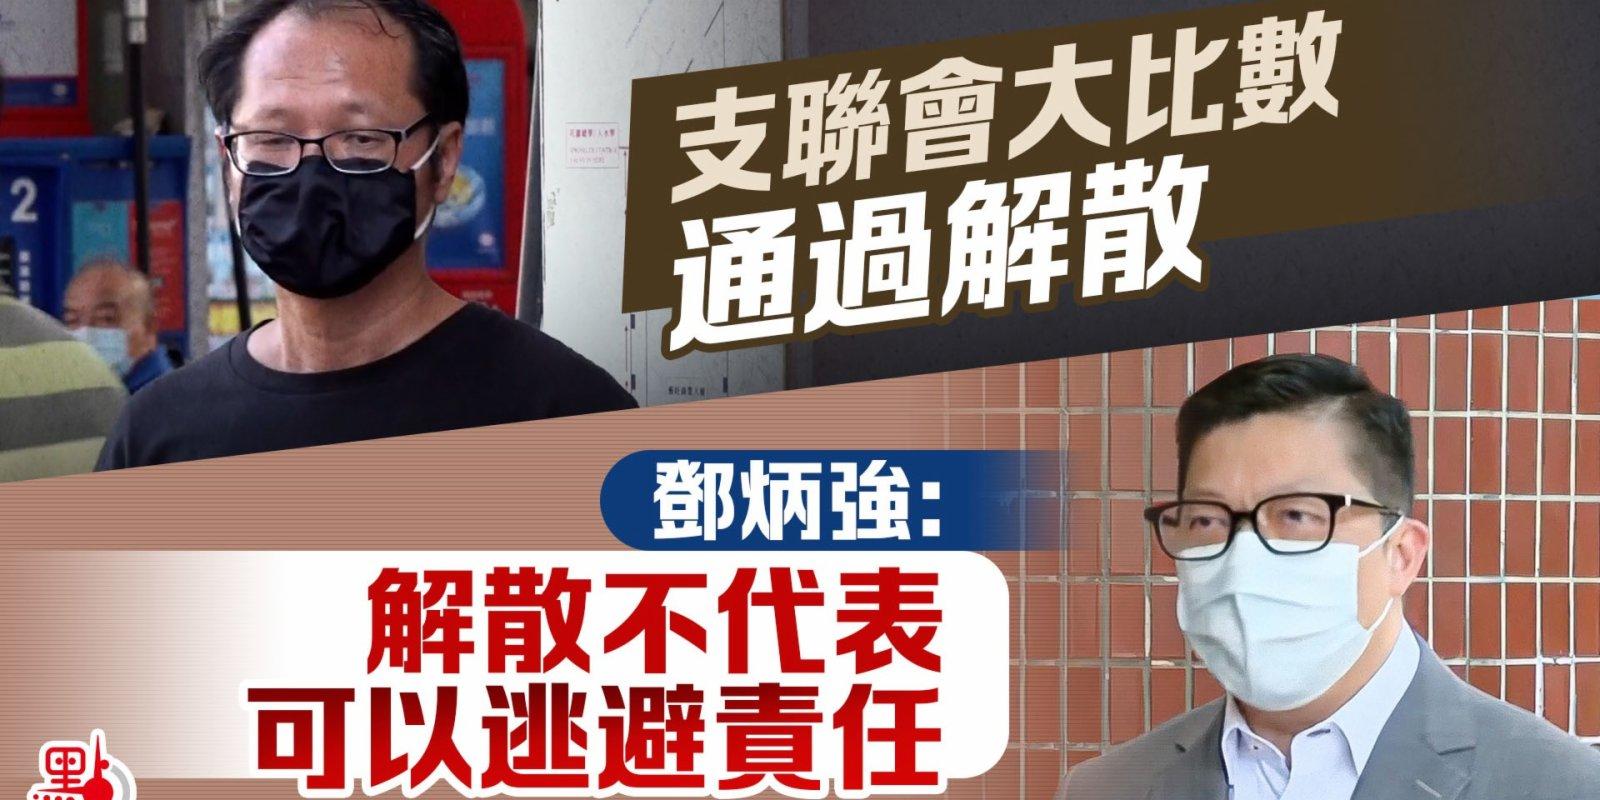 支聯會大比數通過解散 鄧炳強:解散不代表可以逃避責任